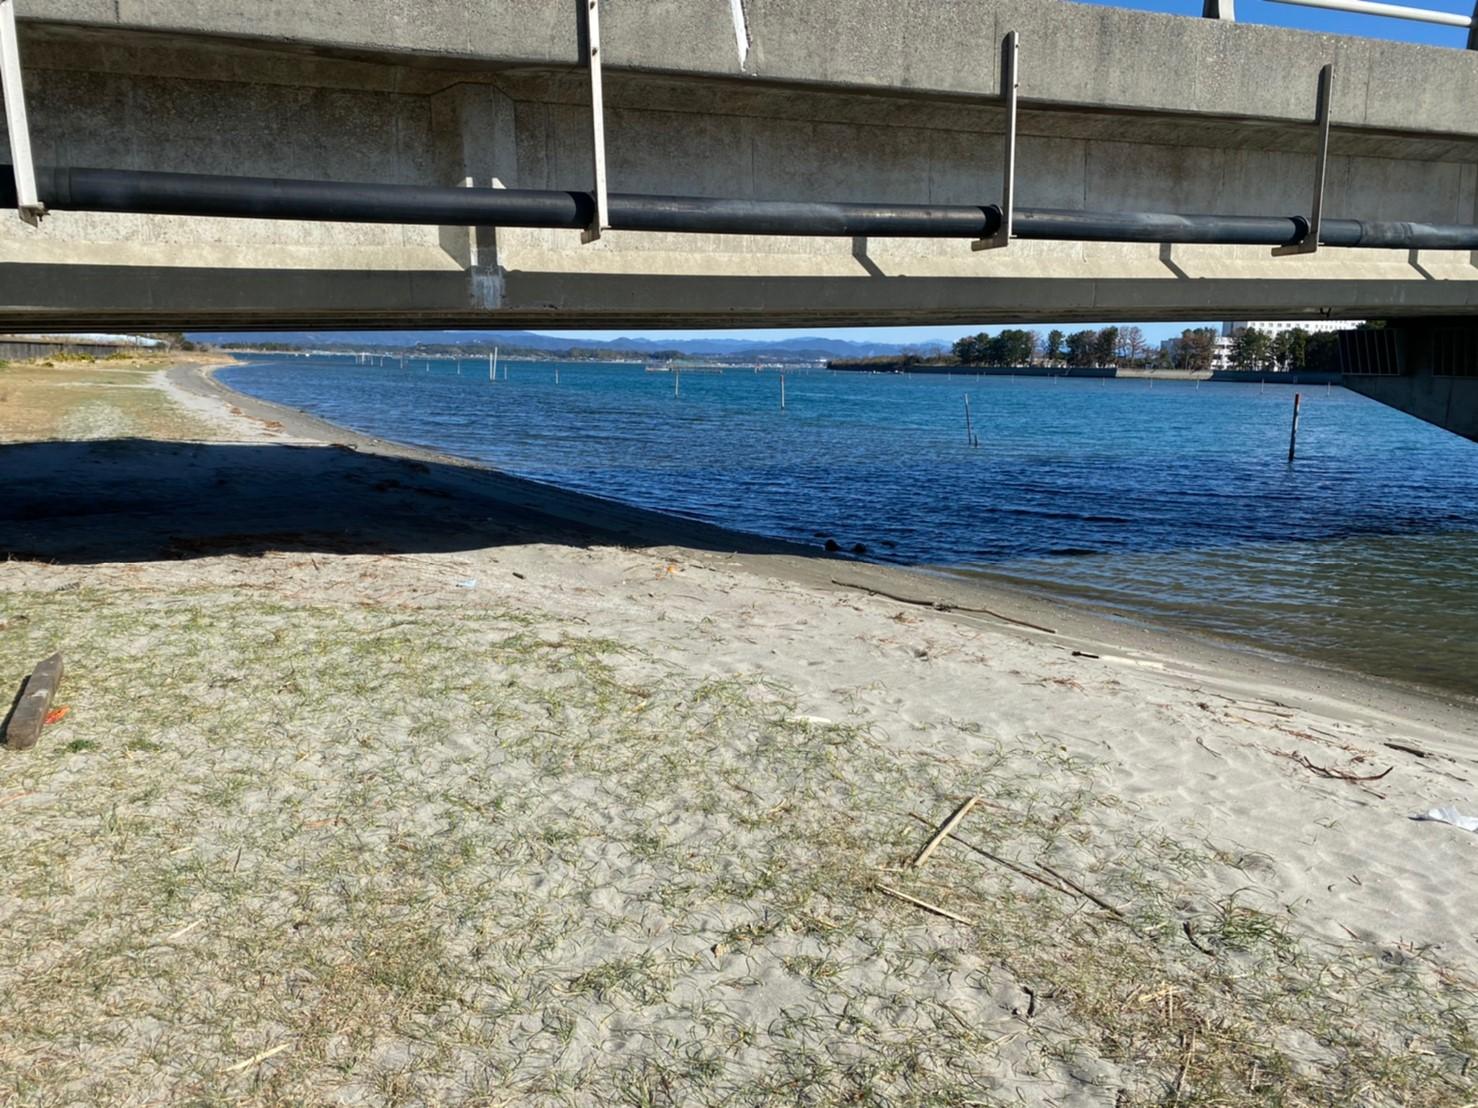 【浜名湖南部】『中之島大橋・浜名湖大橋』周辺の釣り場ガイド(釣れる魚・駐車場・コンビニ)